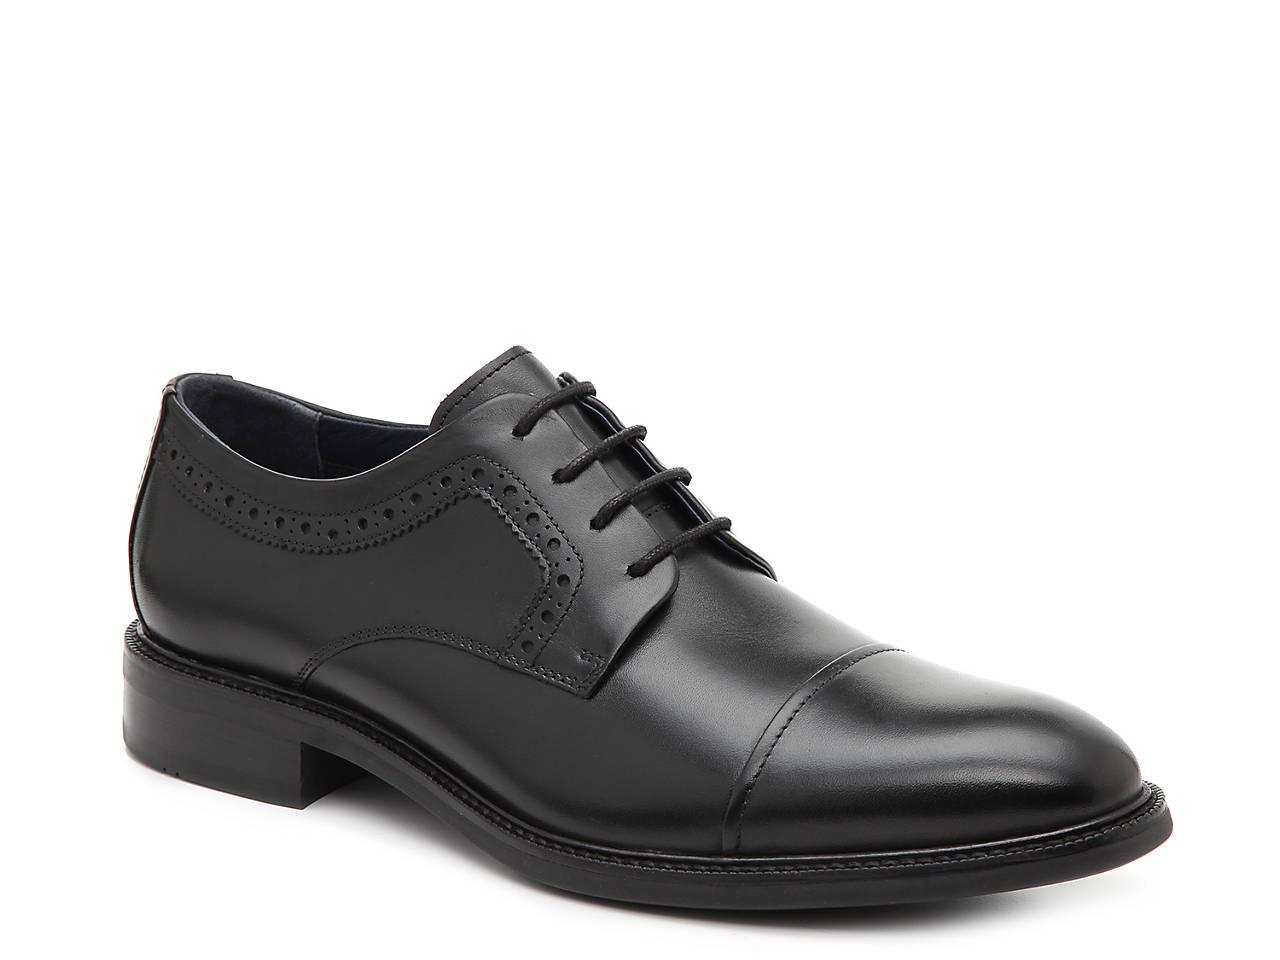 7382900cb56a6a Cole Haan Buckland Cap Toe Oxford Men s Shoes